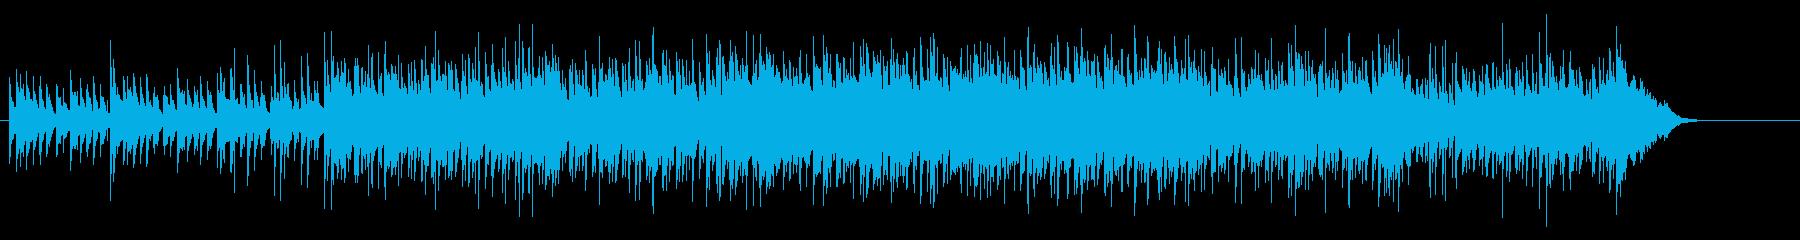 ワールド・ミュージック(ブラジル風)の再生済みの波形